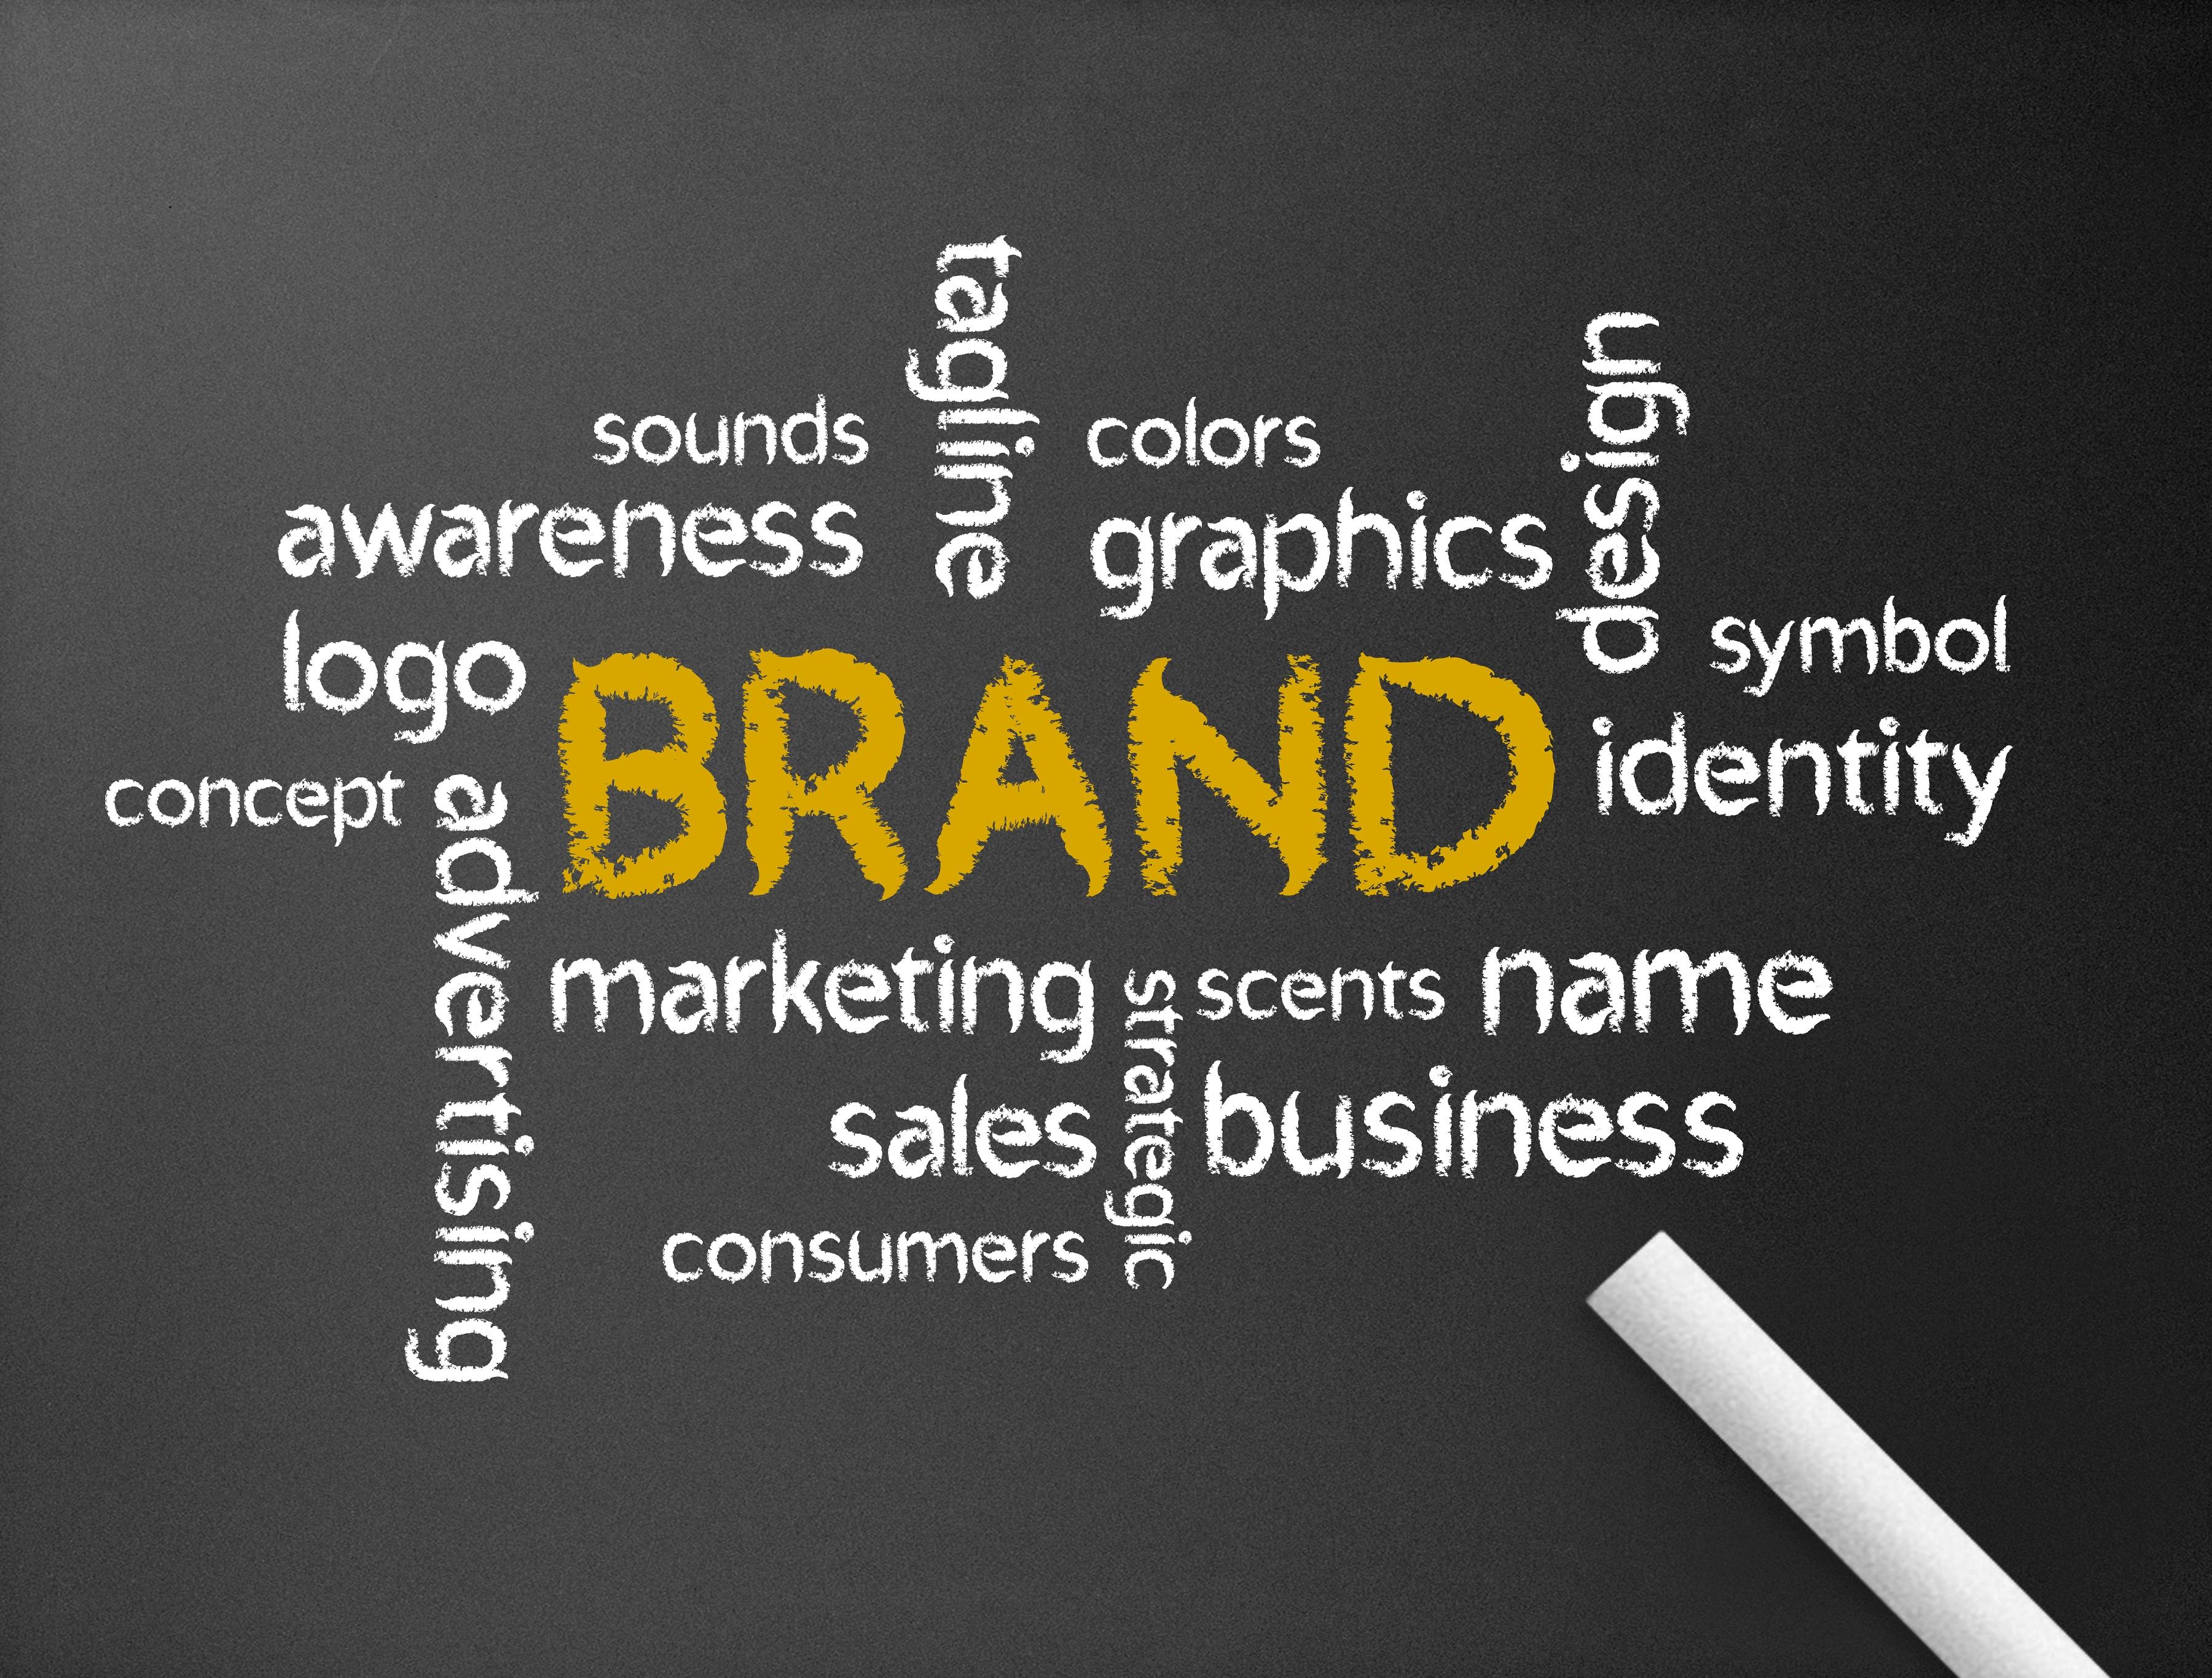 5 Branding Tips